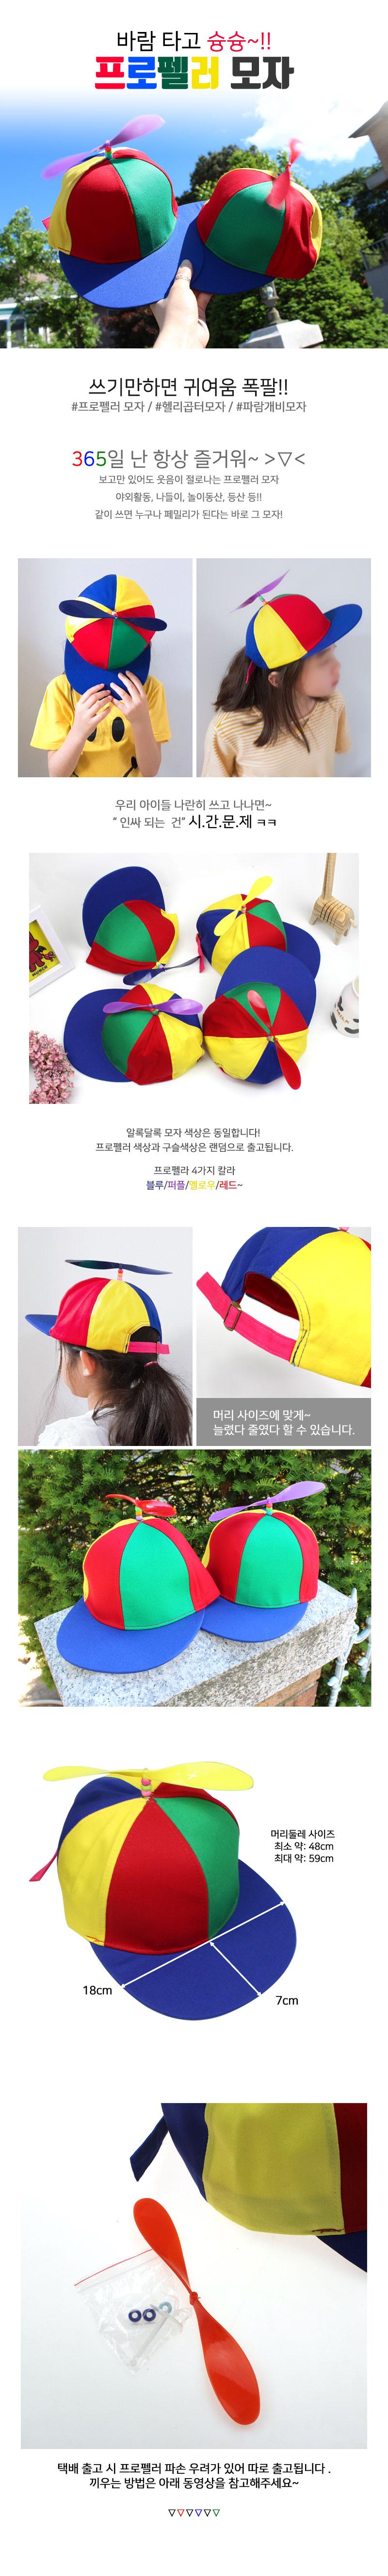 유아동 프로펠러 모자 헬리곱터모자 바람개비모자 - 아이펀즈, 12,000원, 아이디어 상품, 아이디어 상품